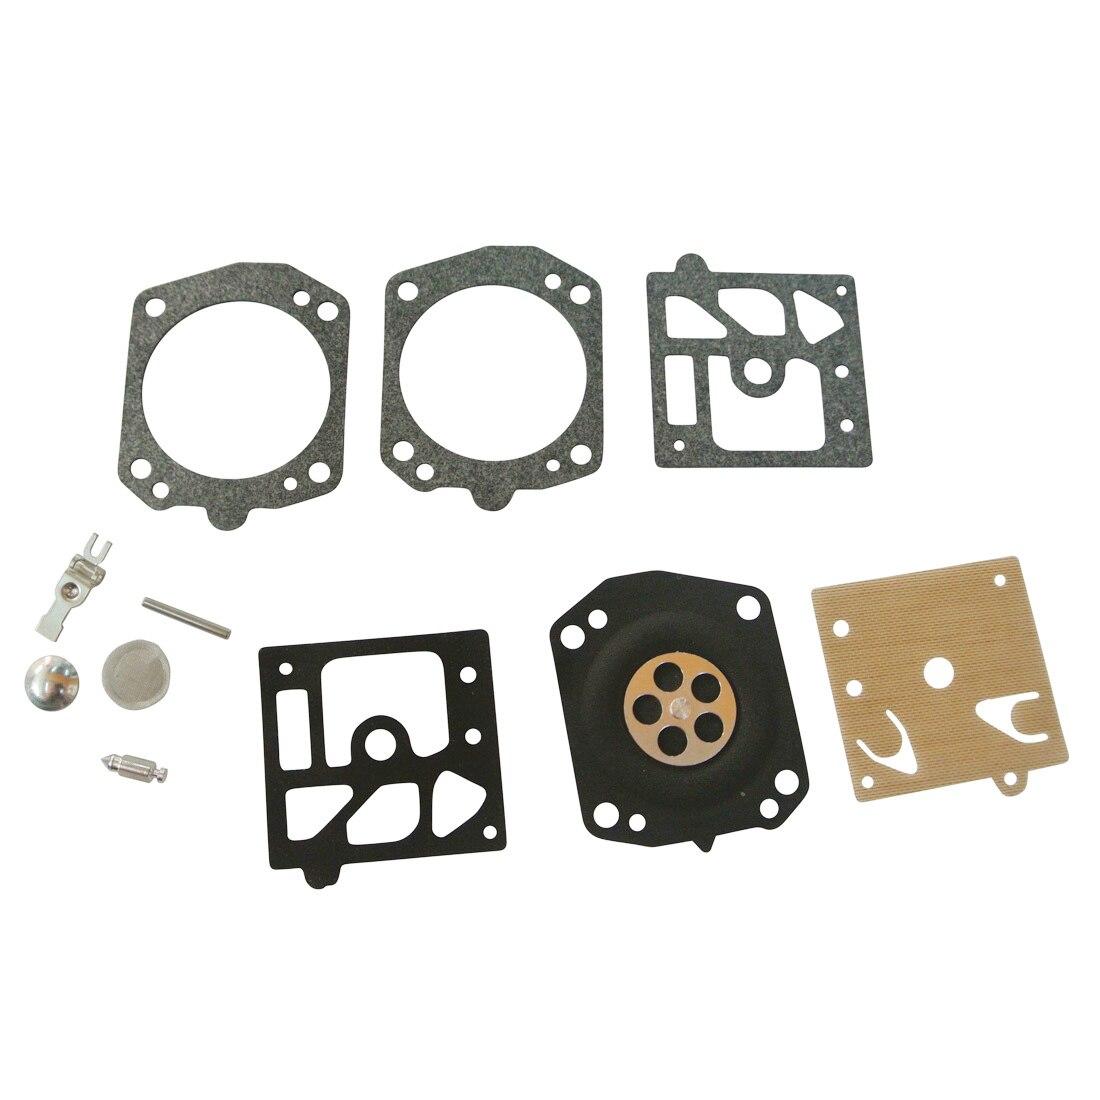 Carburetor Rebuild K24HDA HDA 357 Kit Overhaul 4 Walbro 359 Repair HUSKY K24 Fit